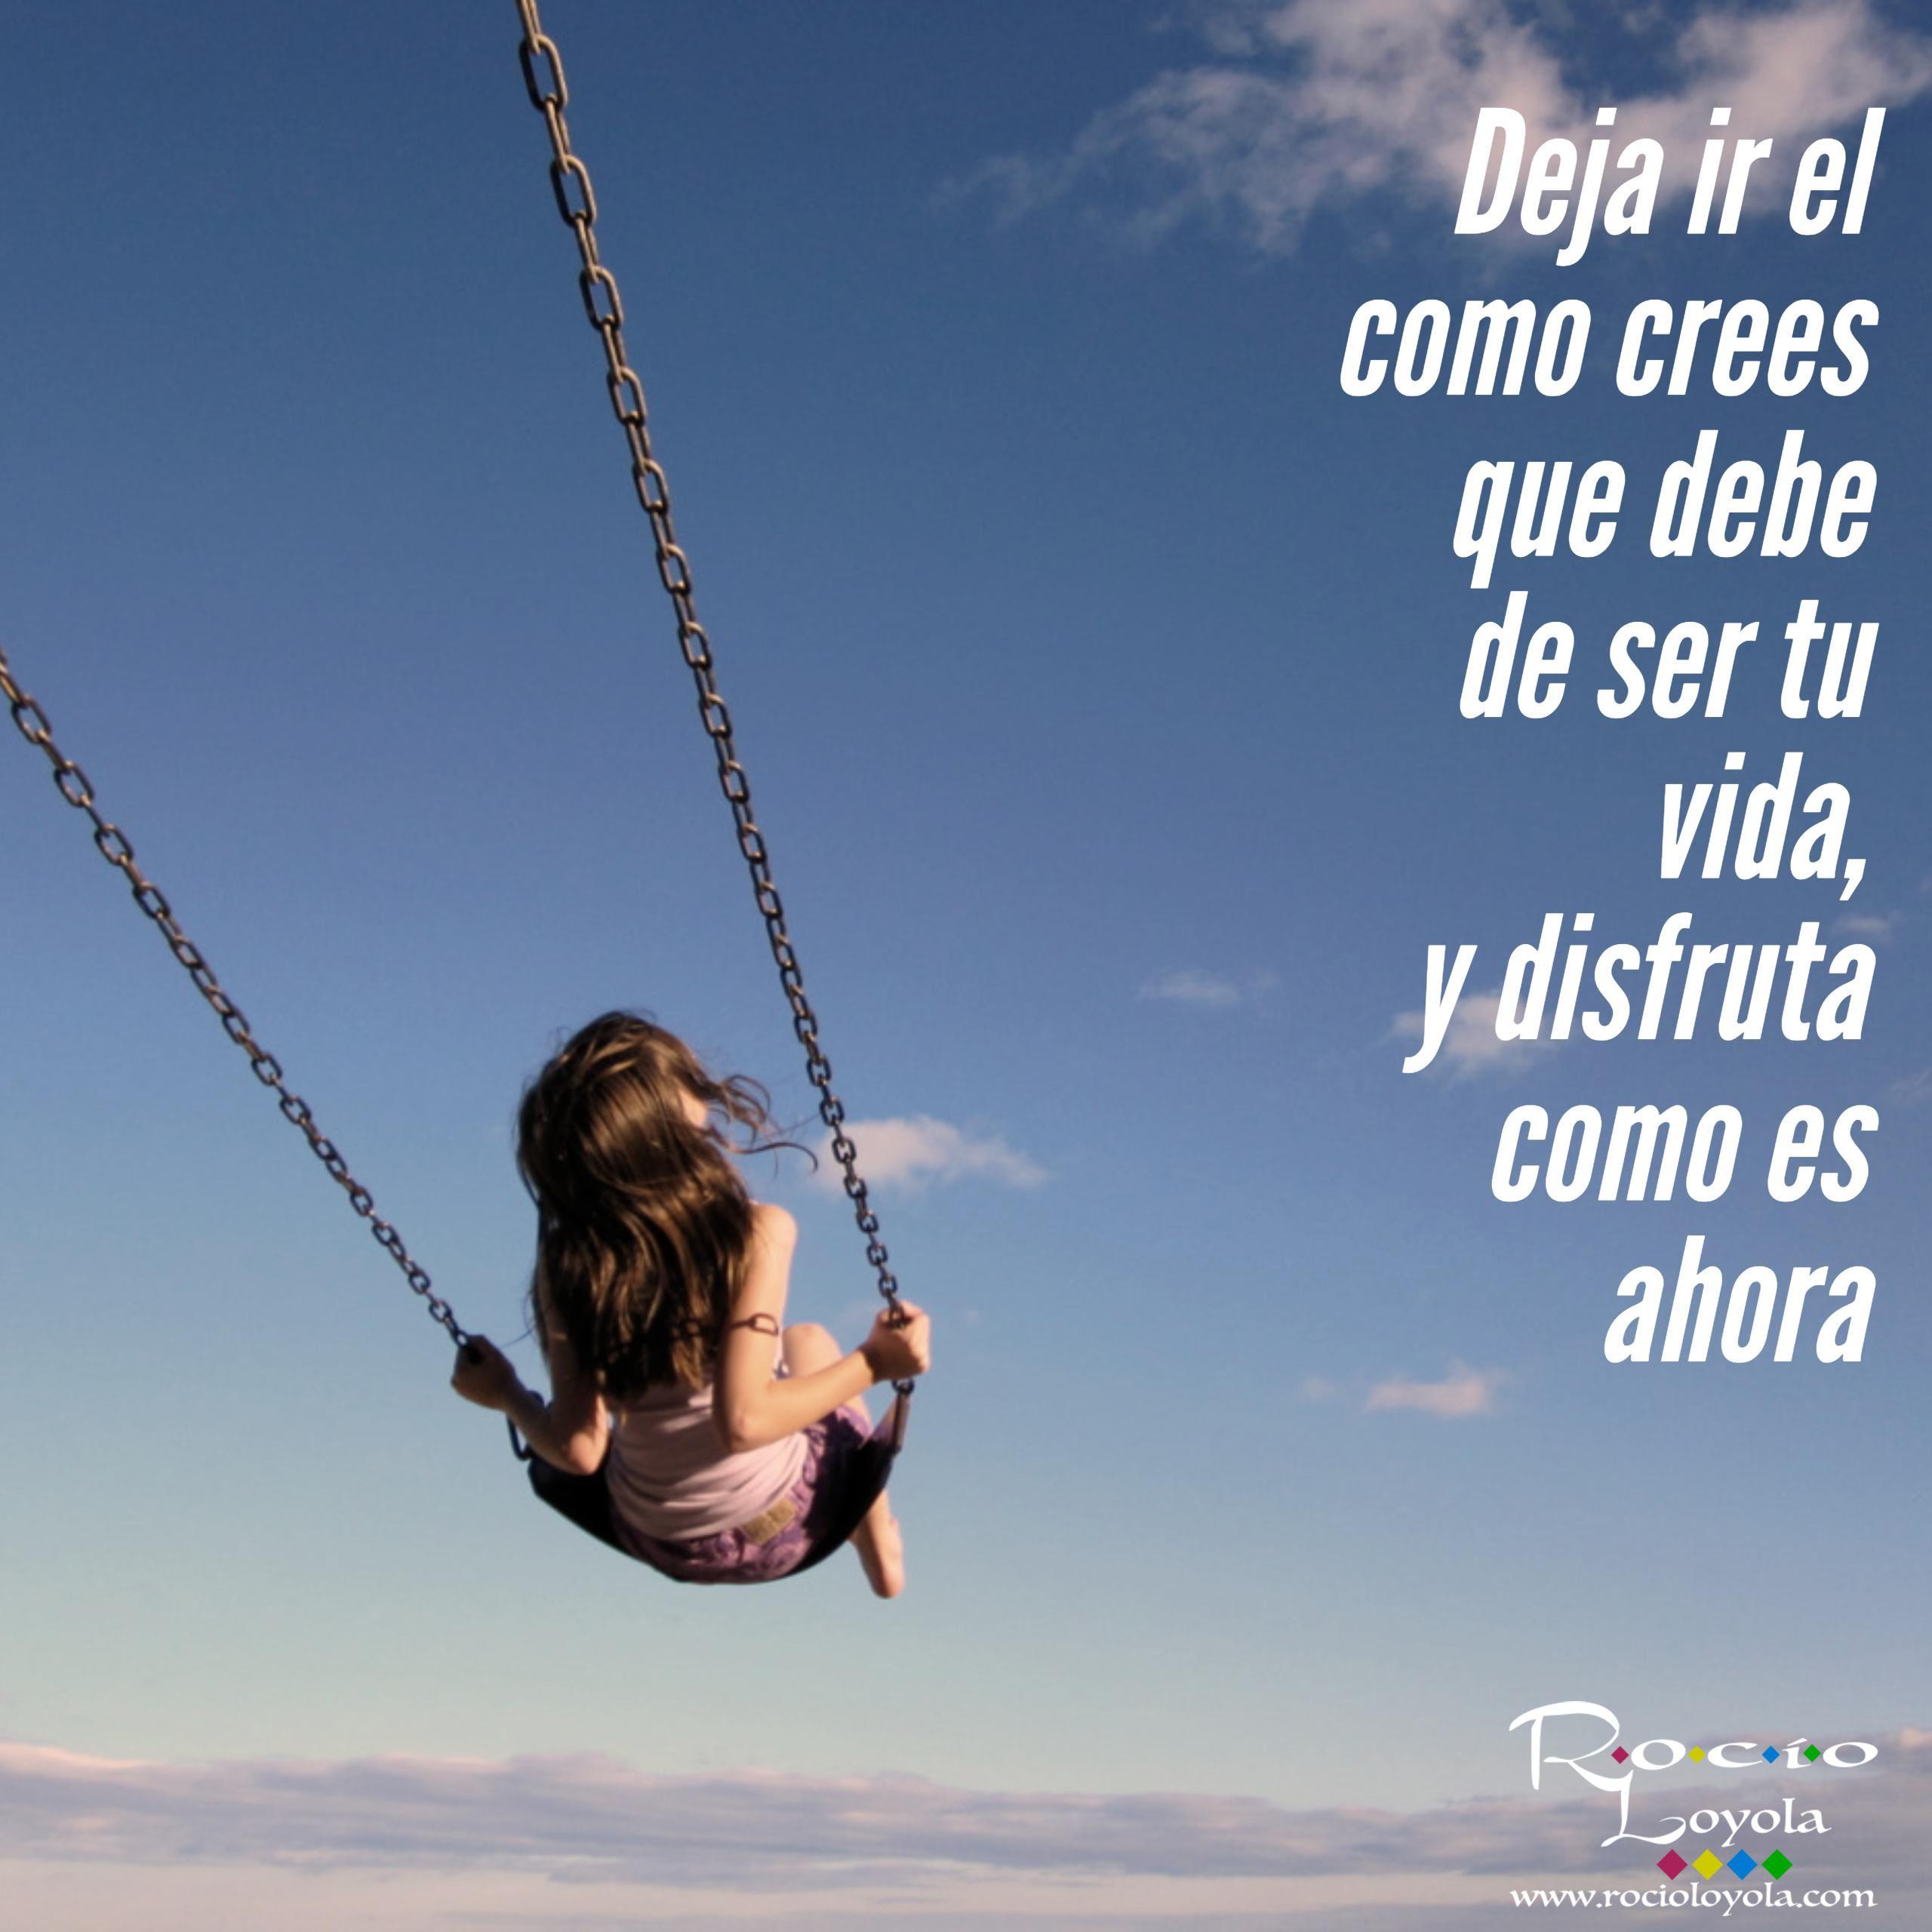 Deja ir el como crees que debe de ser tu vida, y disfruta como es ahora  #rocioloyola